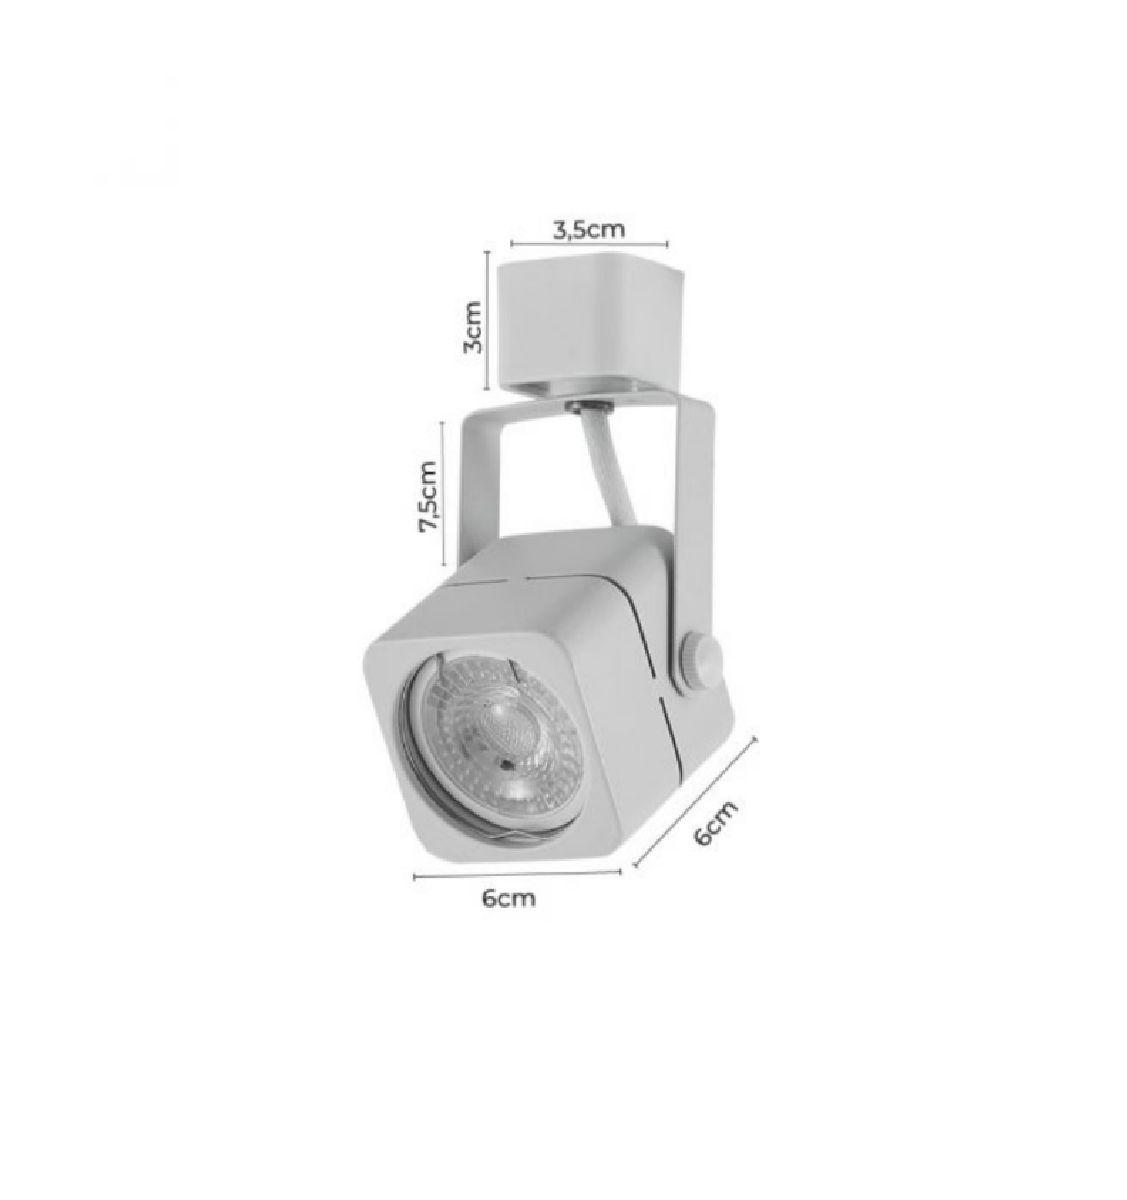 Spot Para Trilho Eletrificado Quadrado Dicroica MR16 / GU10 Nordecor Branco P/ Sala Quarto Cozinha Quadro Bivolt